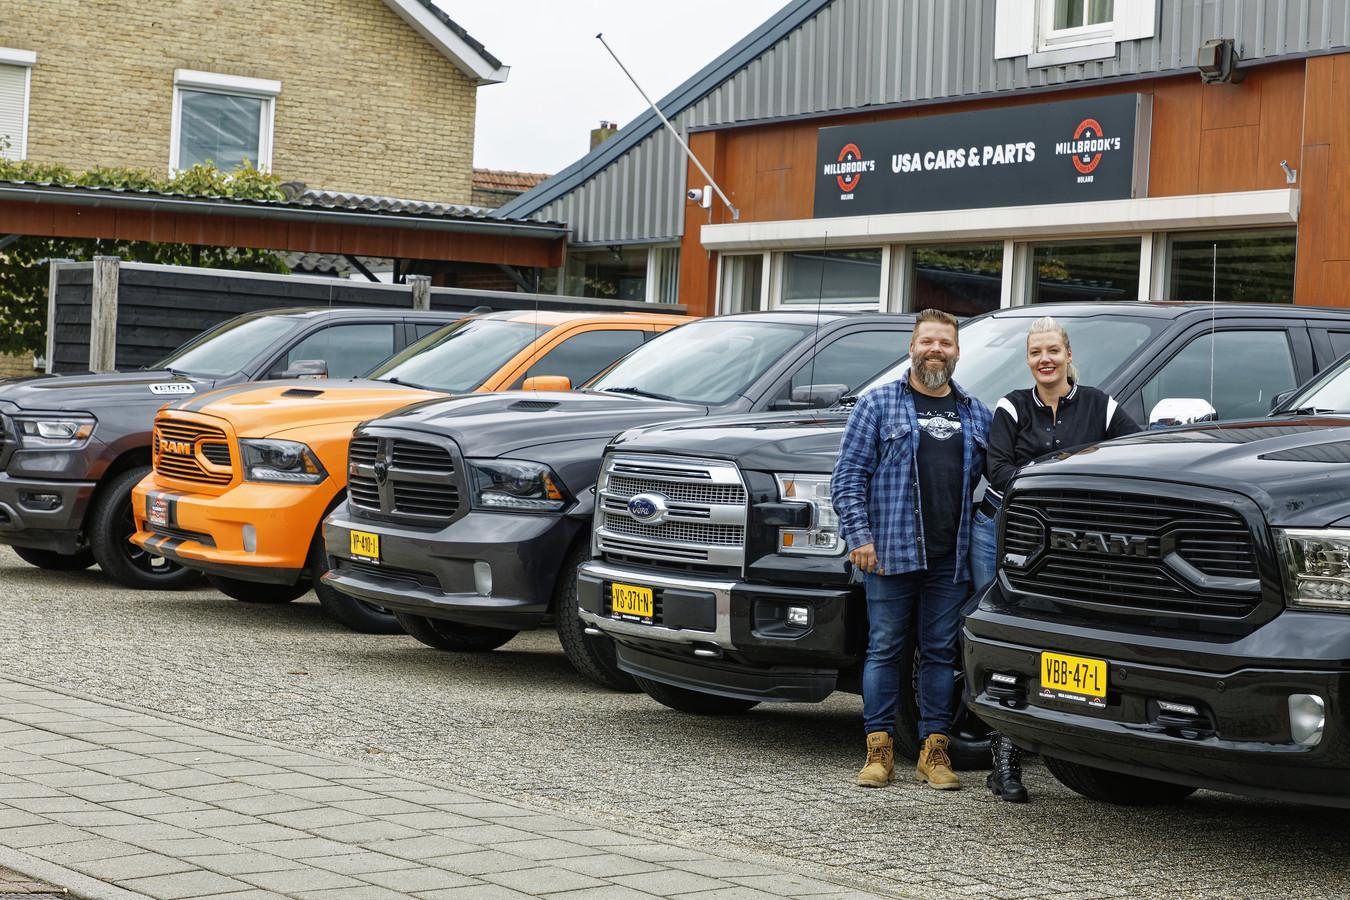 Roland en Margot Meulenbroek van Millbrooks in Nuland tussen hun massieve voertuigen.